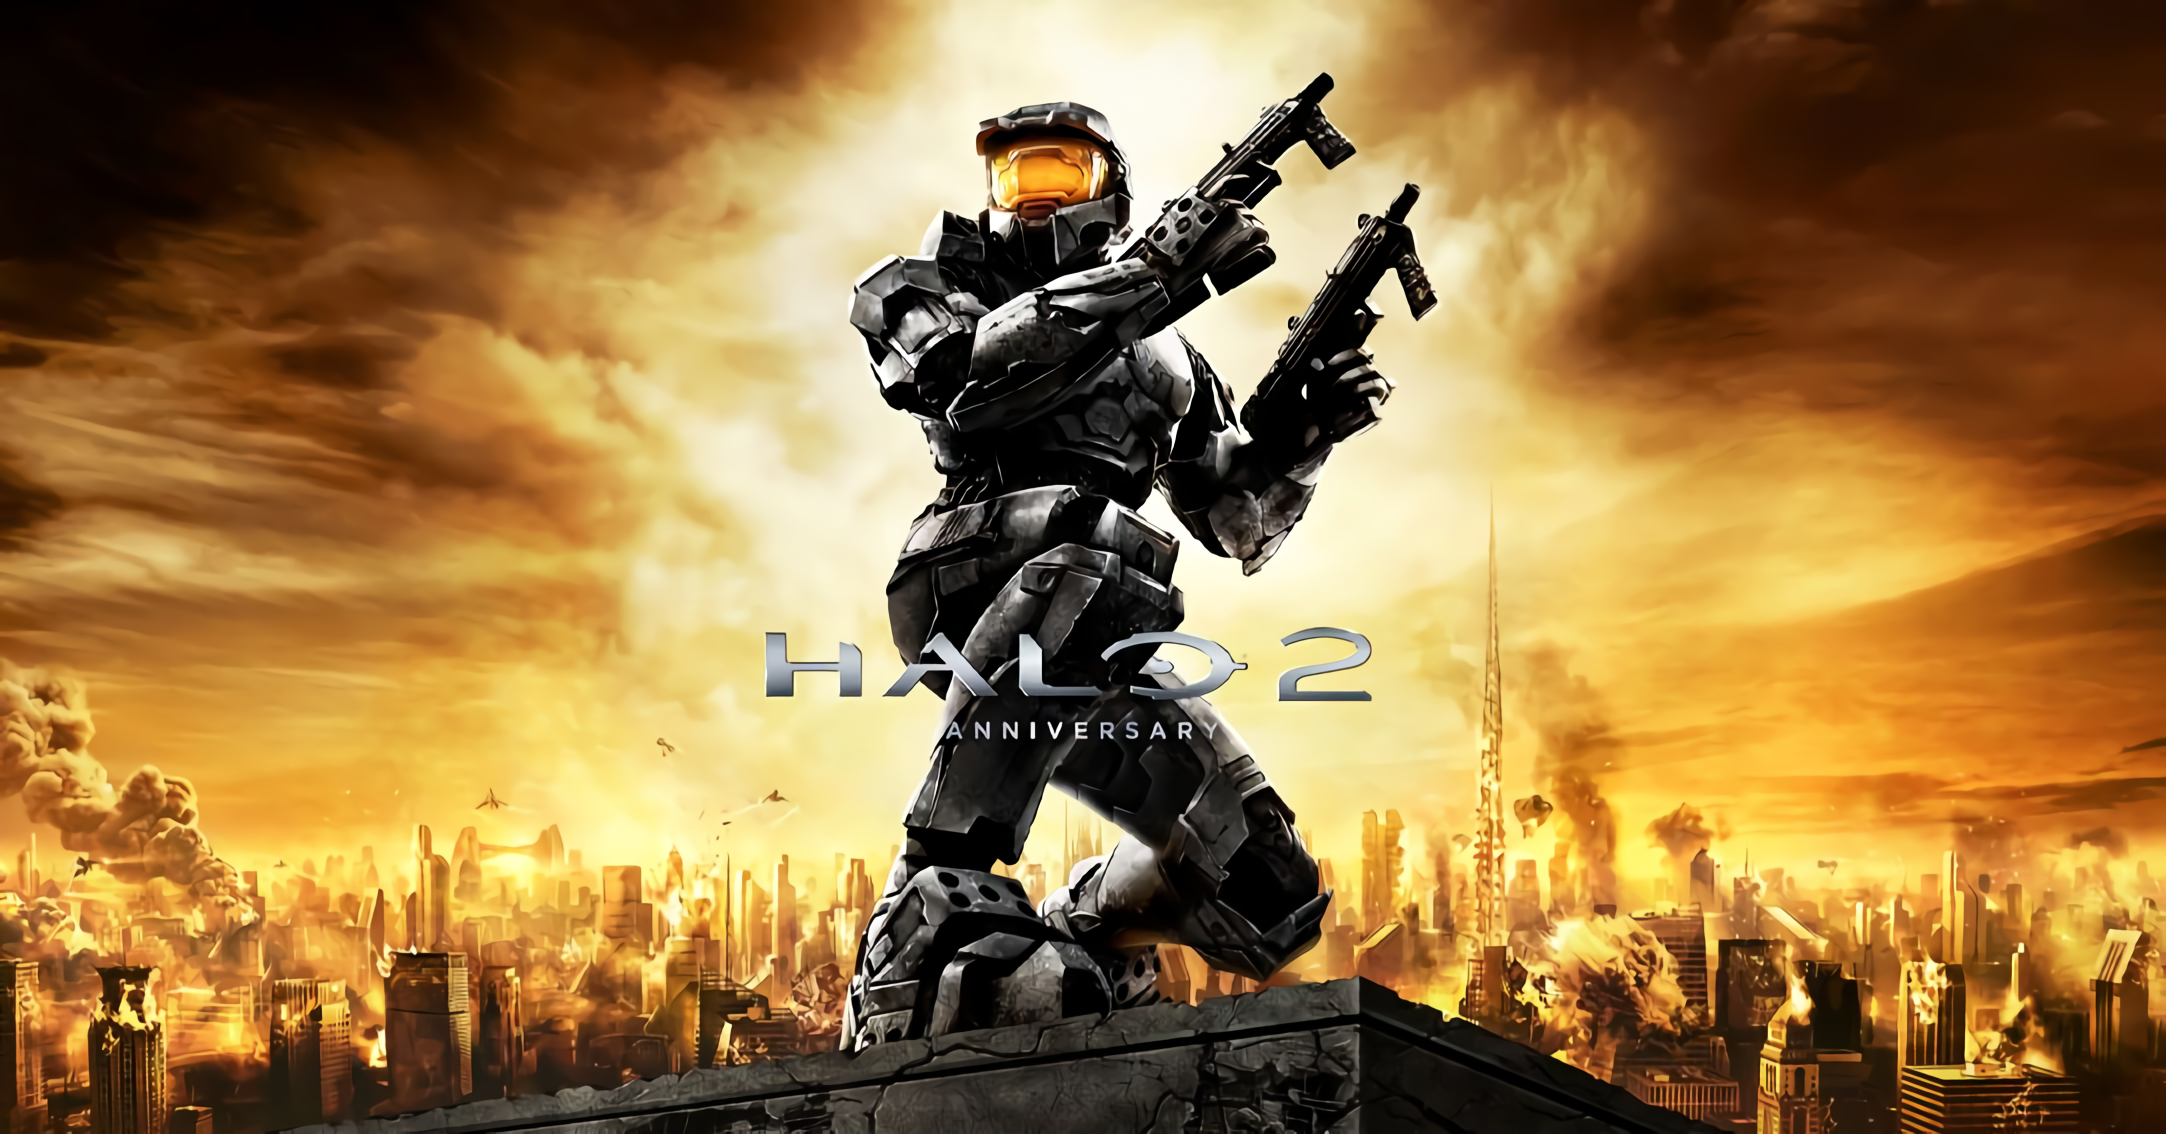 Halo 2: Anniversary можно будет скачать или купить уже сегодня в 6:00 утра